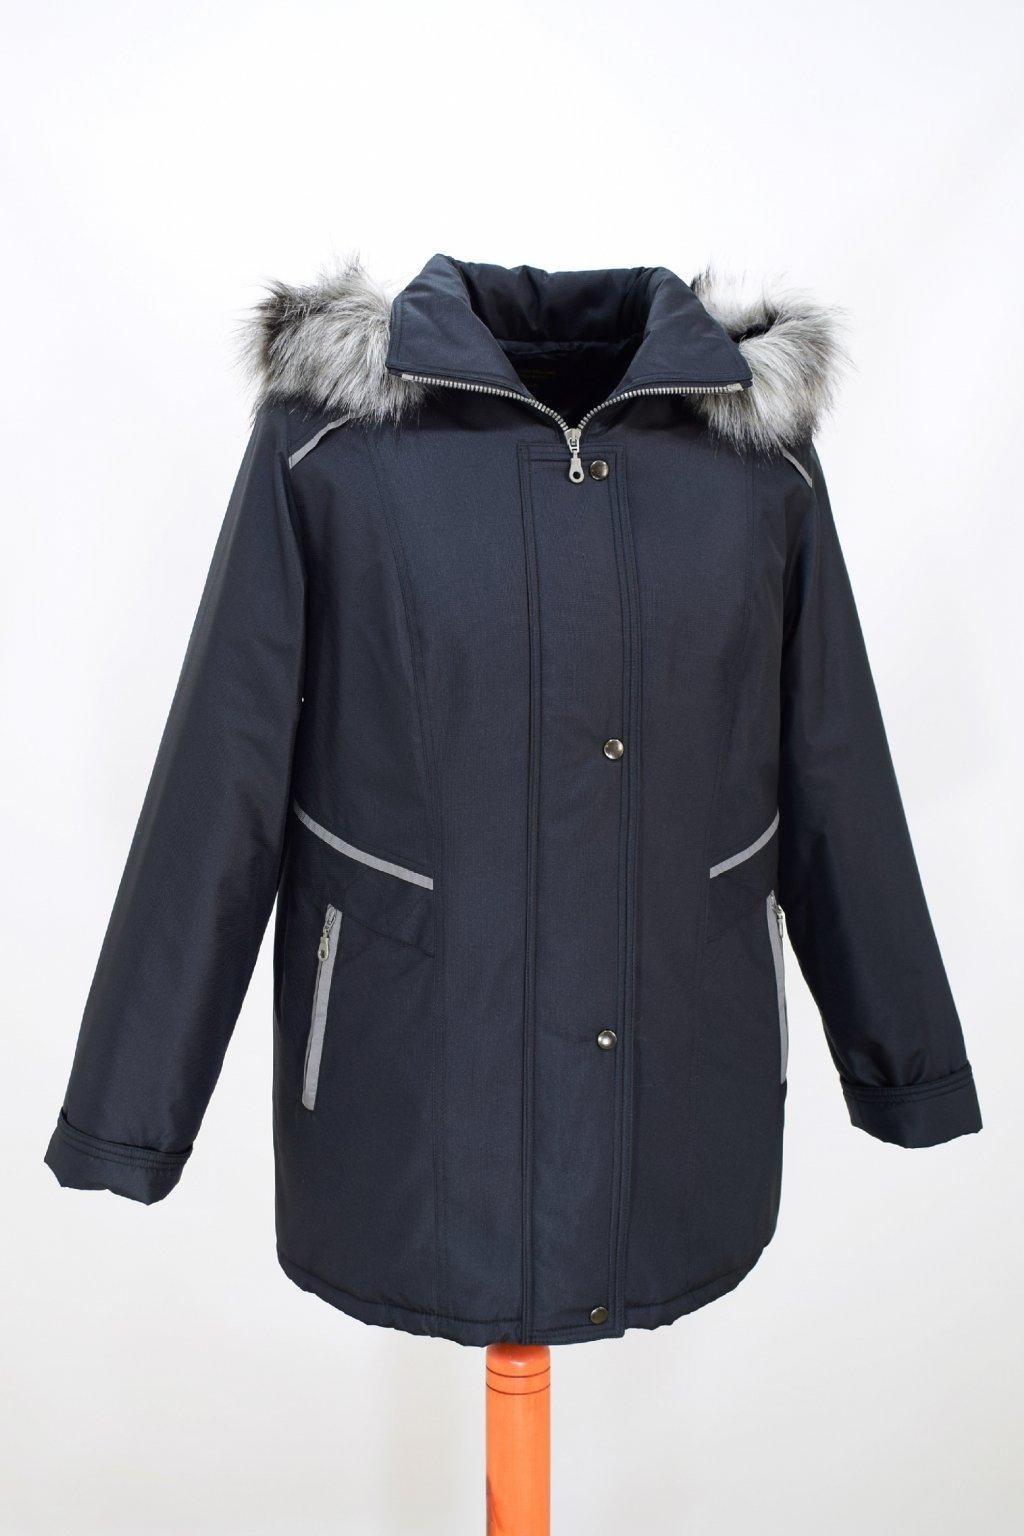 Dámská černá zimní bunda Jitka nadměrné velikosti